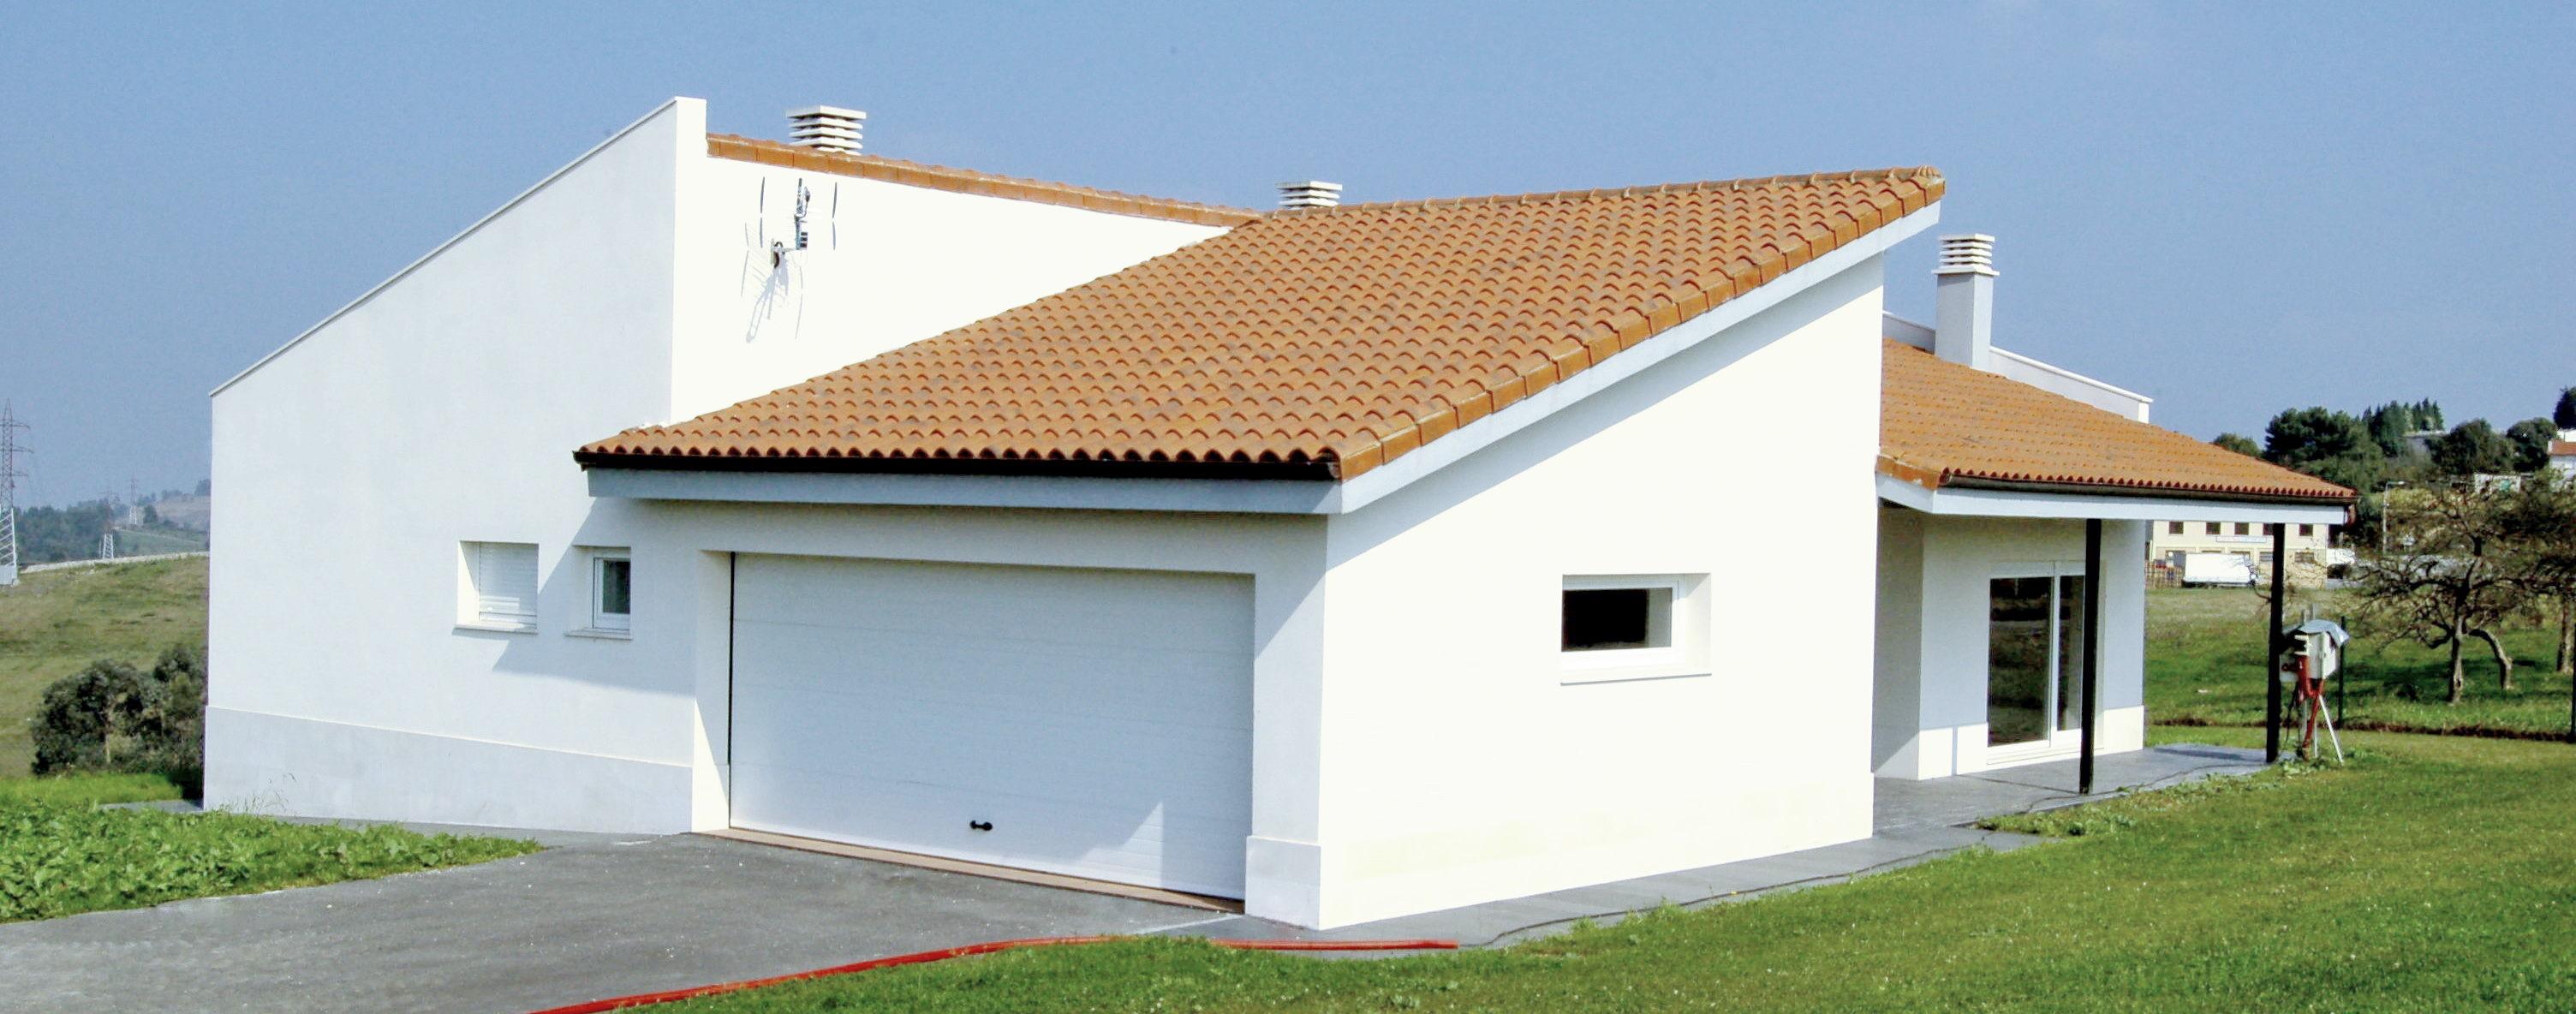 Foto 2 de promociones inmobiliarias en gij n david obaya for Fachadas de chalets modernos